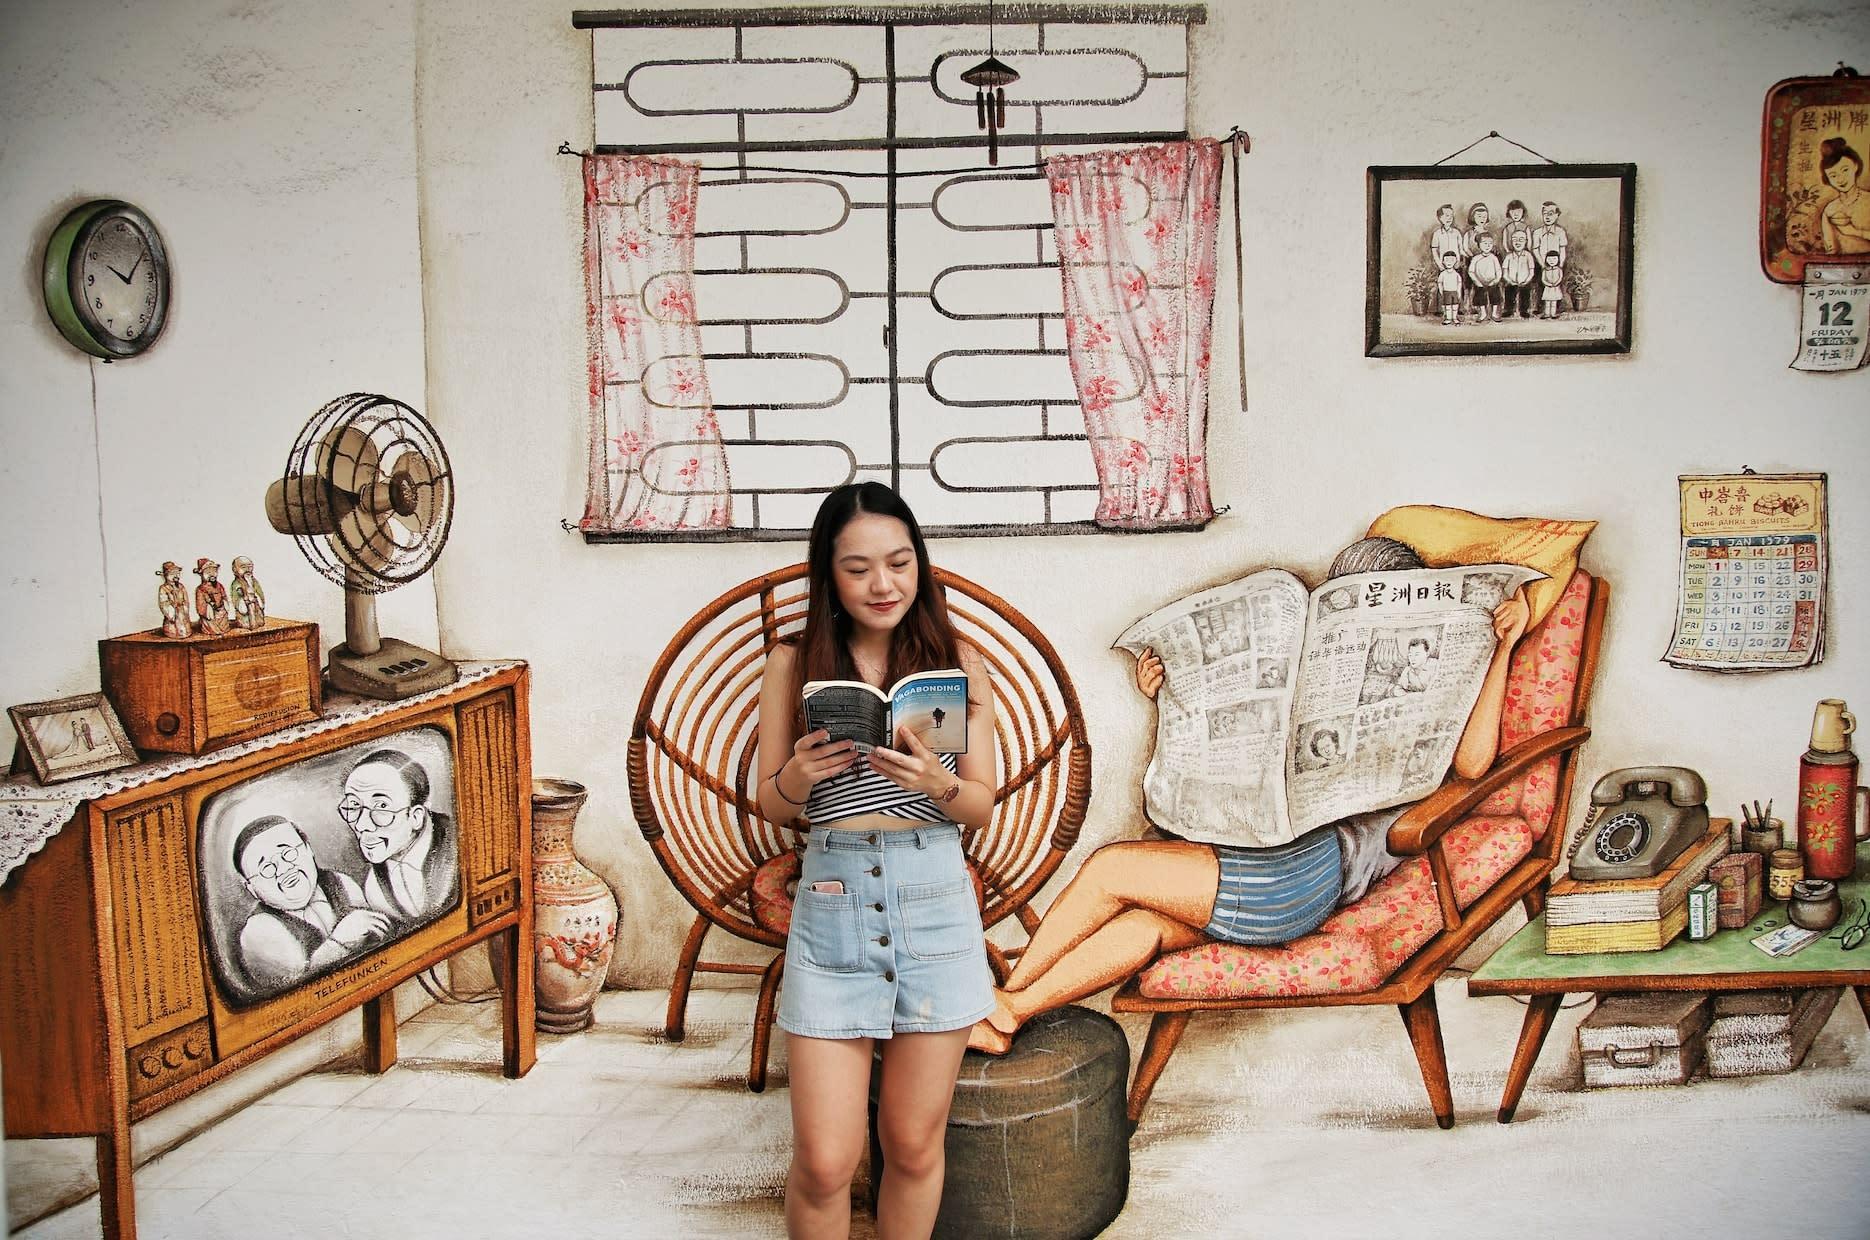 Tiong Bahru murals, home